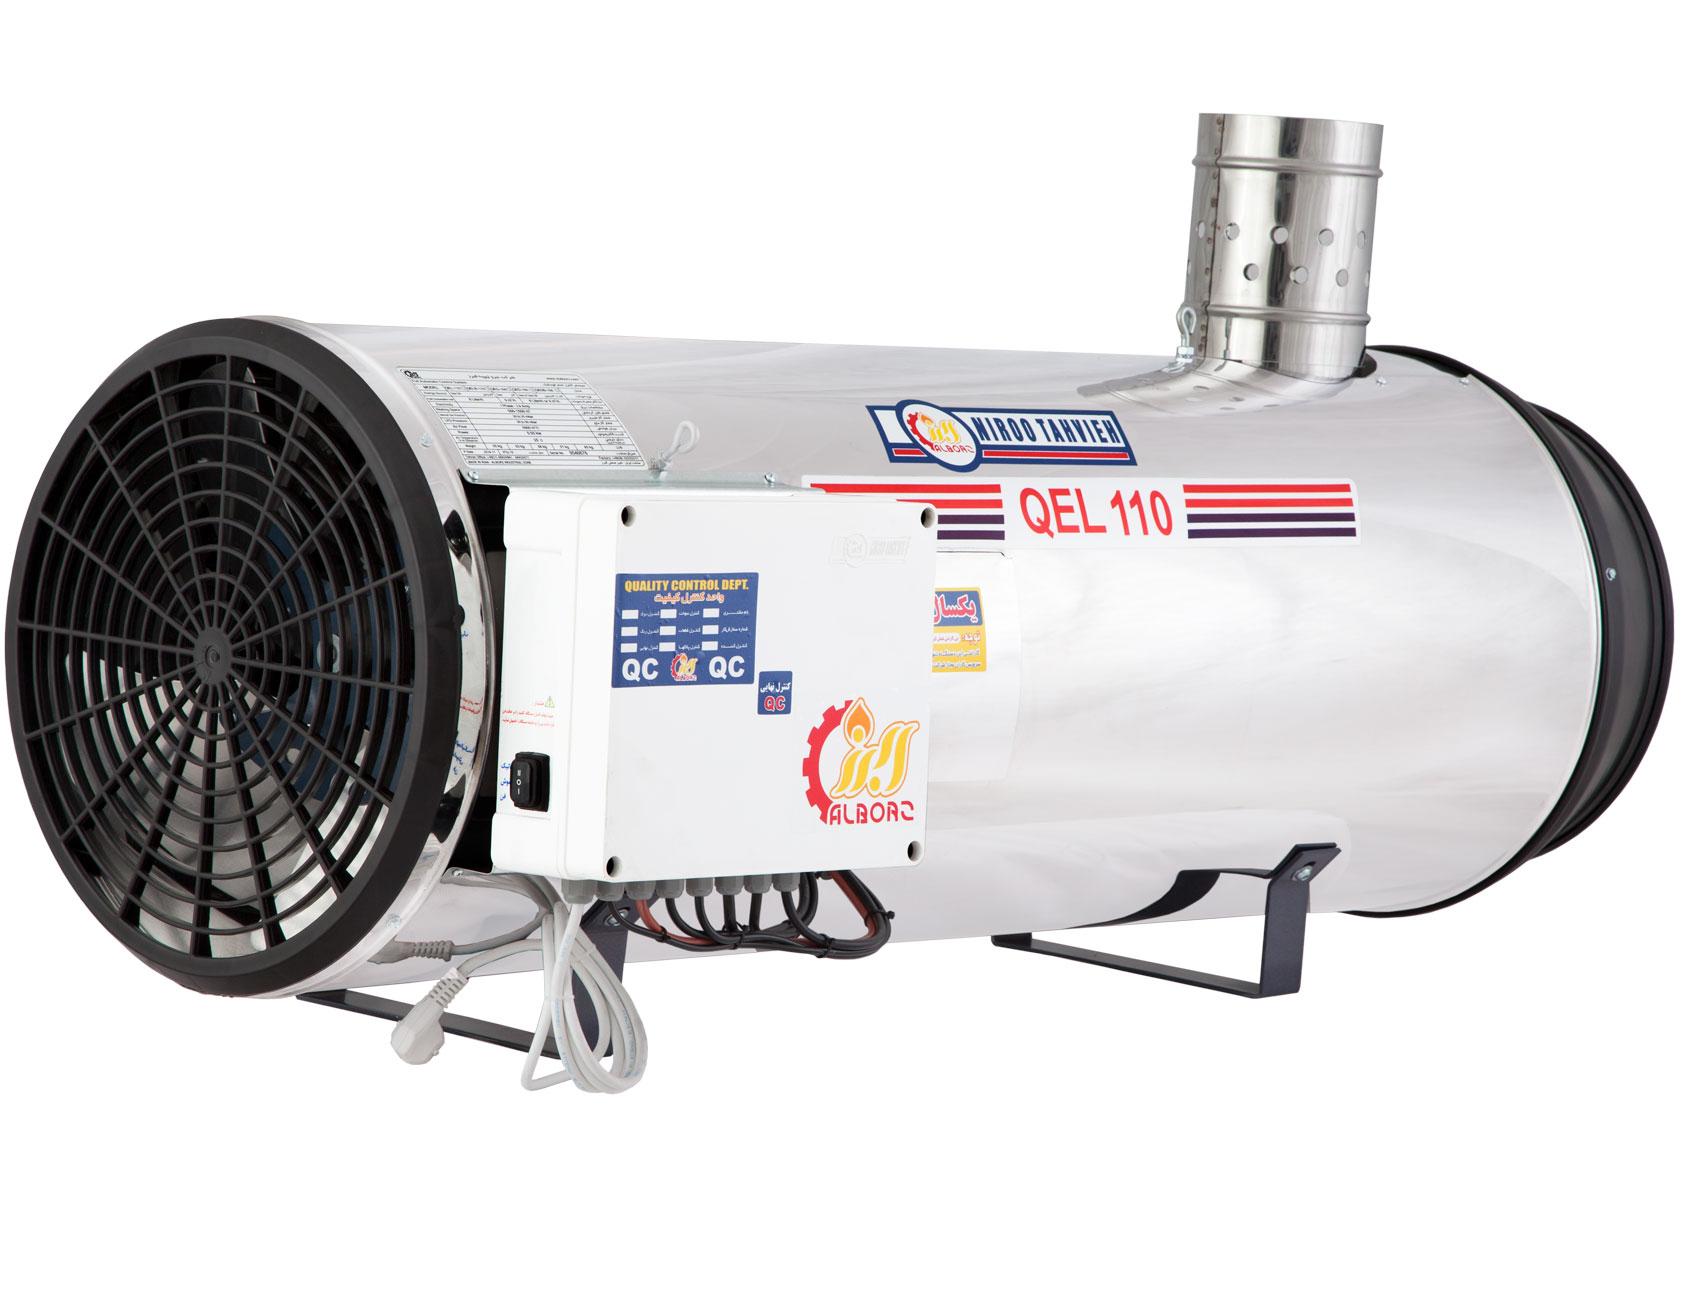 جت هیتر گازوئیلی دودکش دار البرز مدل QEL-110